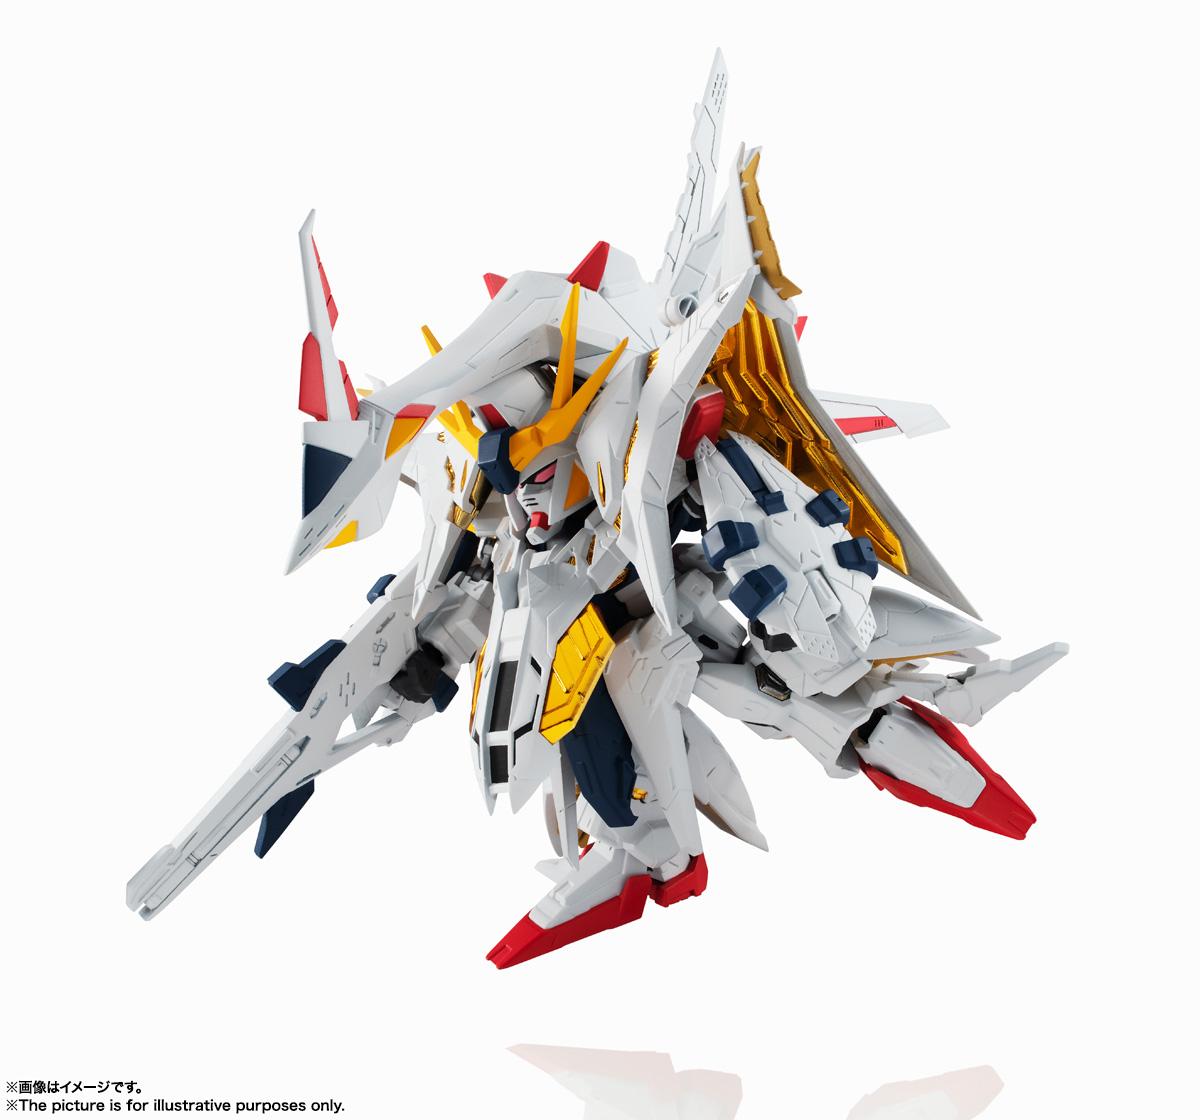 NXEDGE STYLE[MS UNIT]『Ξガンダム』機動戦士ガンダム 閃光のハサウェイ デフォルメ可動フィギュア-009